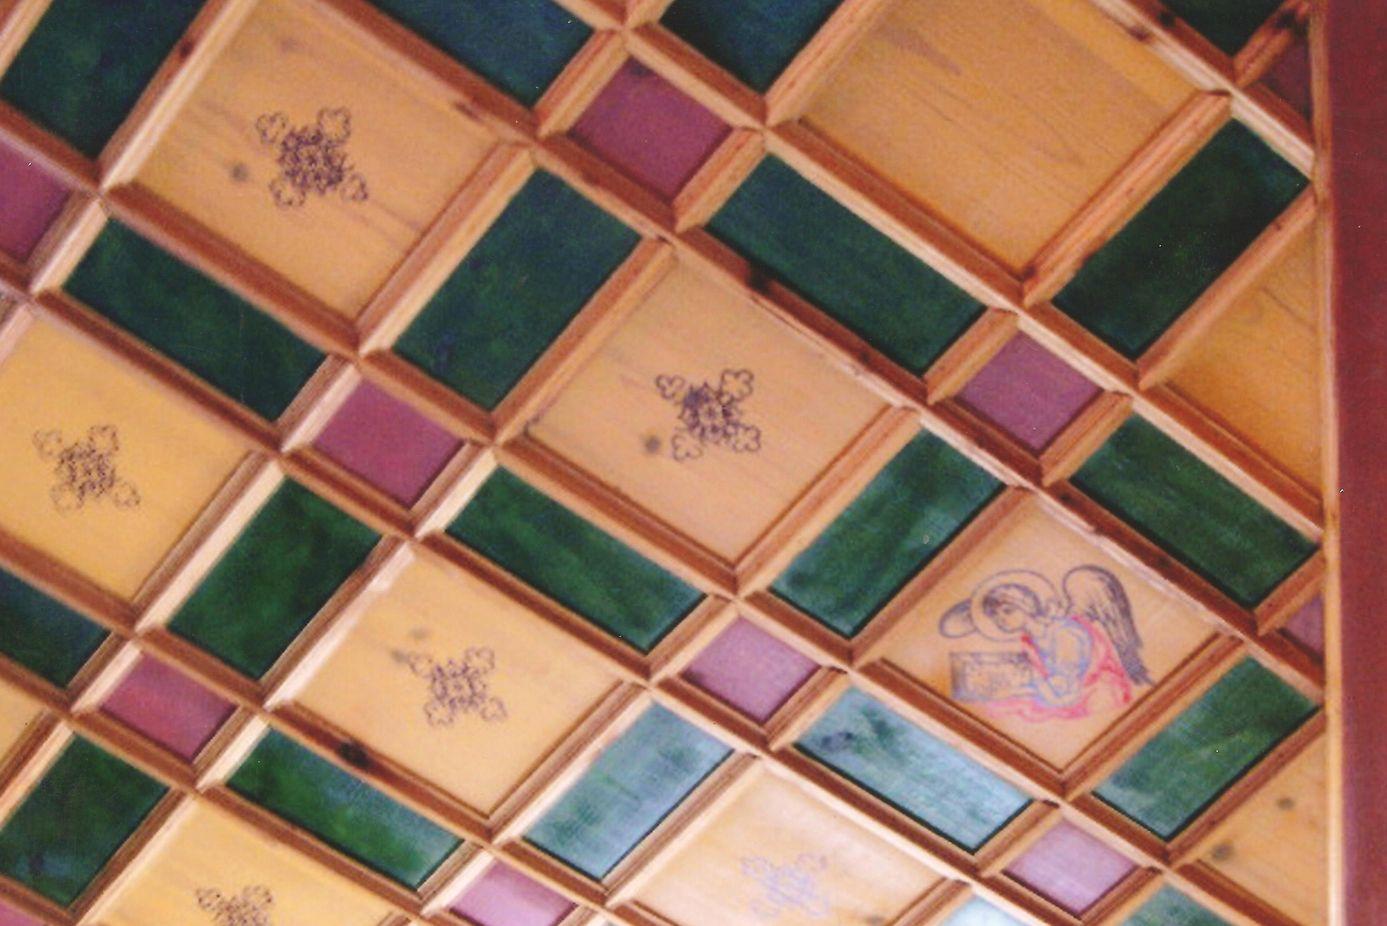 Λεπτομέρεια από το παραδοσιακό ταβάνι.